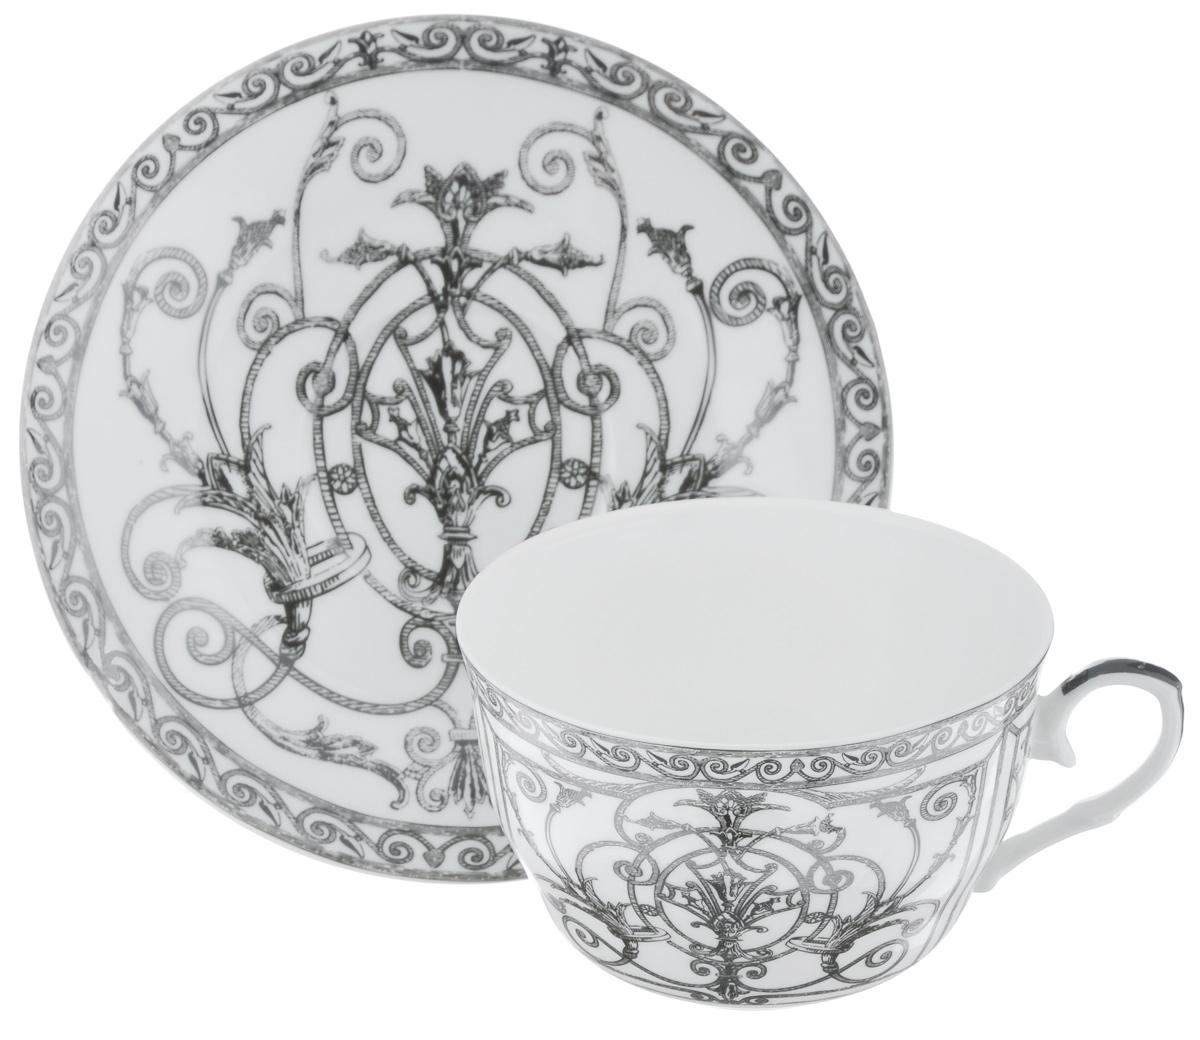 Чайная пара LarangE Ампир, цвет: белый, серый, 2 предмета586-337Чайная пара LarangE Ампир состоит из чашки и блюдца,изготовленных из фарфора. Предметы набора оформленыизящным рисунком.Чайная пара LarangE Ампир украсит ваш кухонный стол, а такжестанет замечательным подарком друзьям и близким.Объем чашки: 250 мл.Диаметр чашки по верхнему краю: 9 см.Высота чашки: 6 см.Диаметр блюдца: 14,5 см.